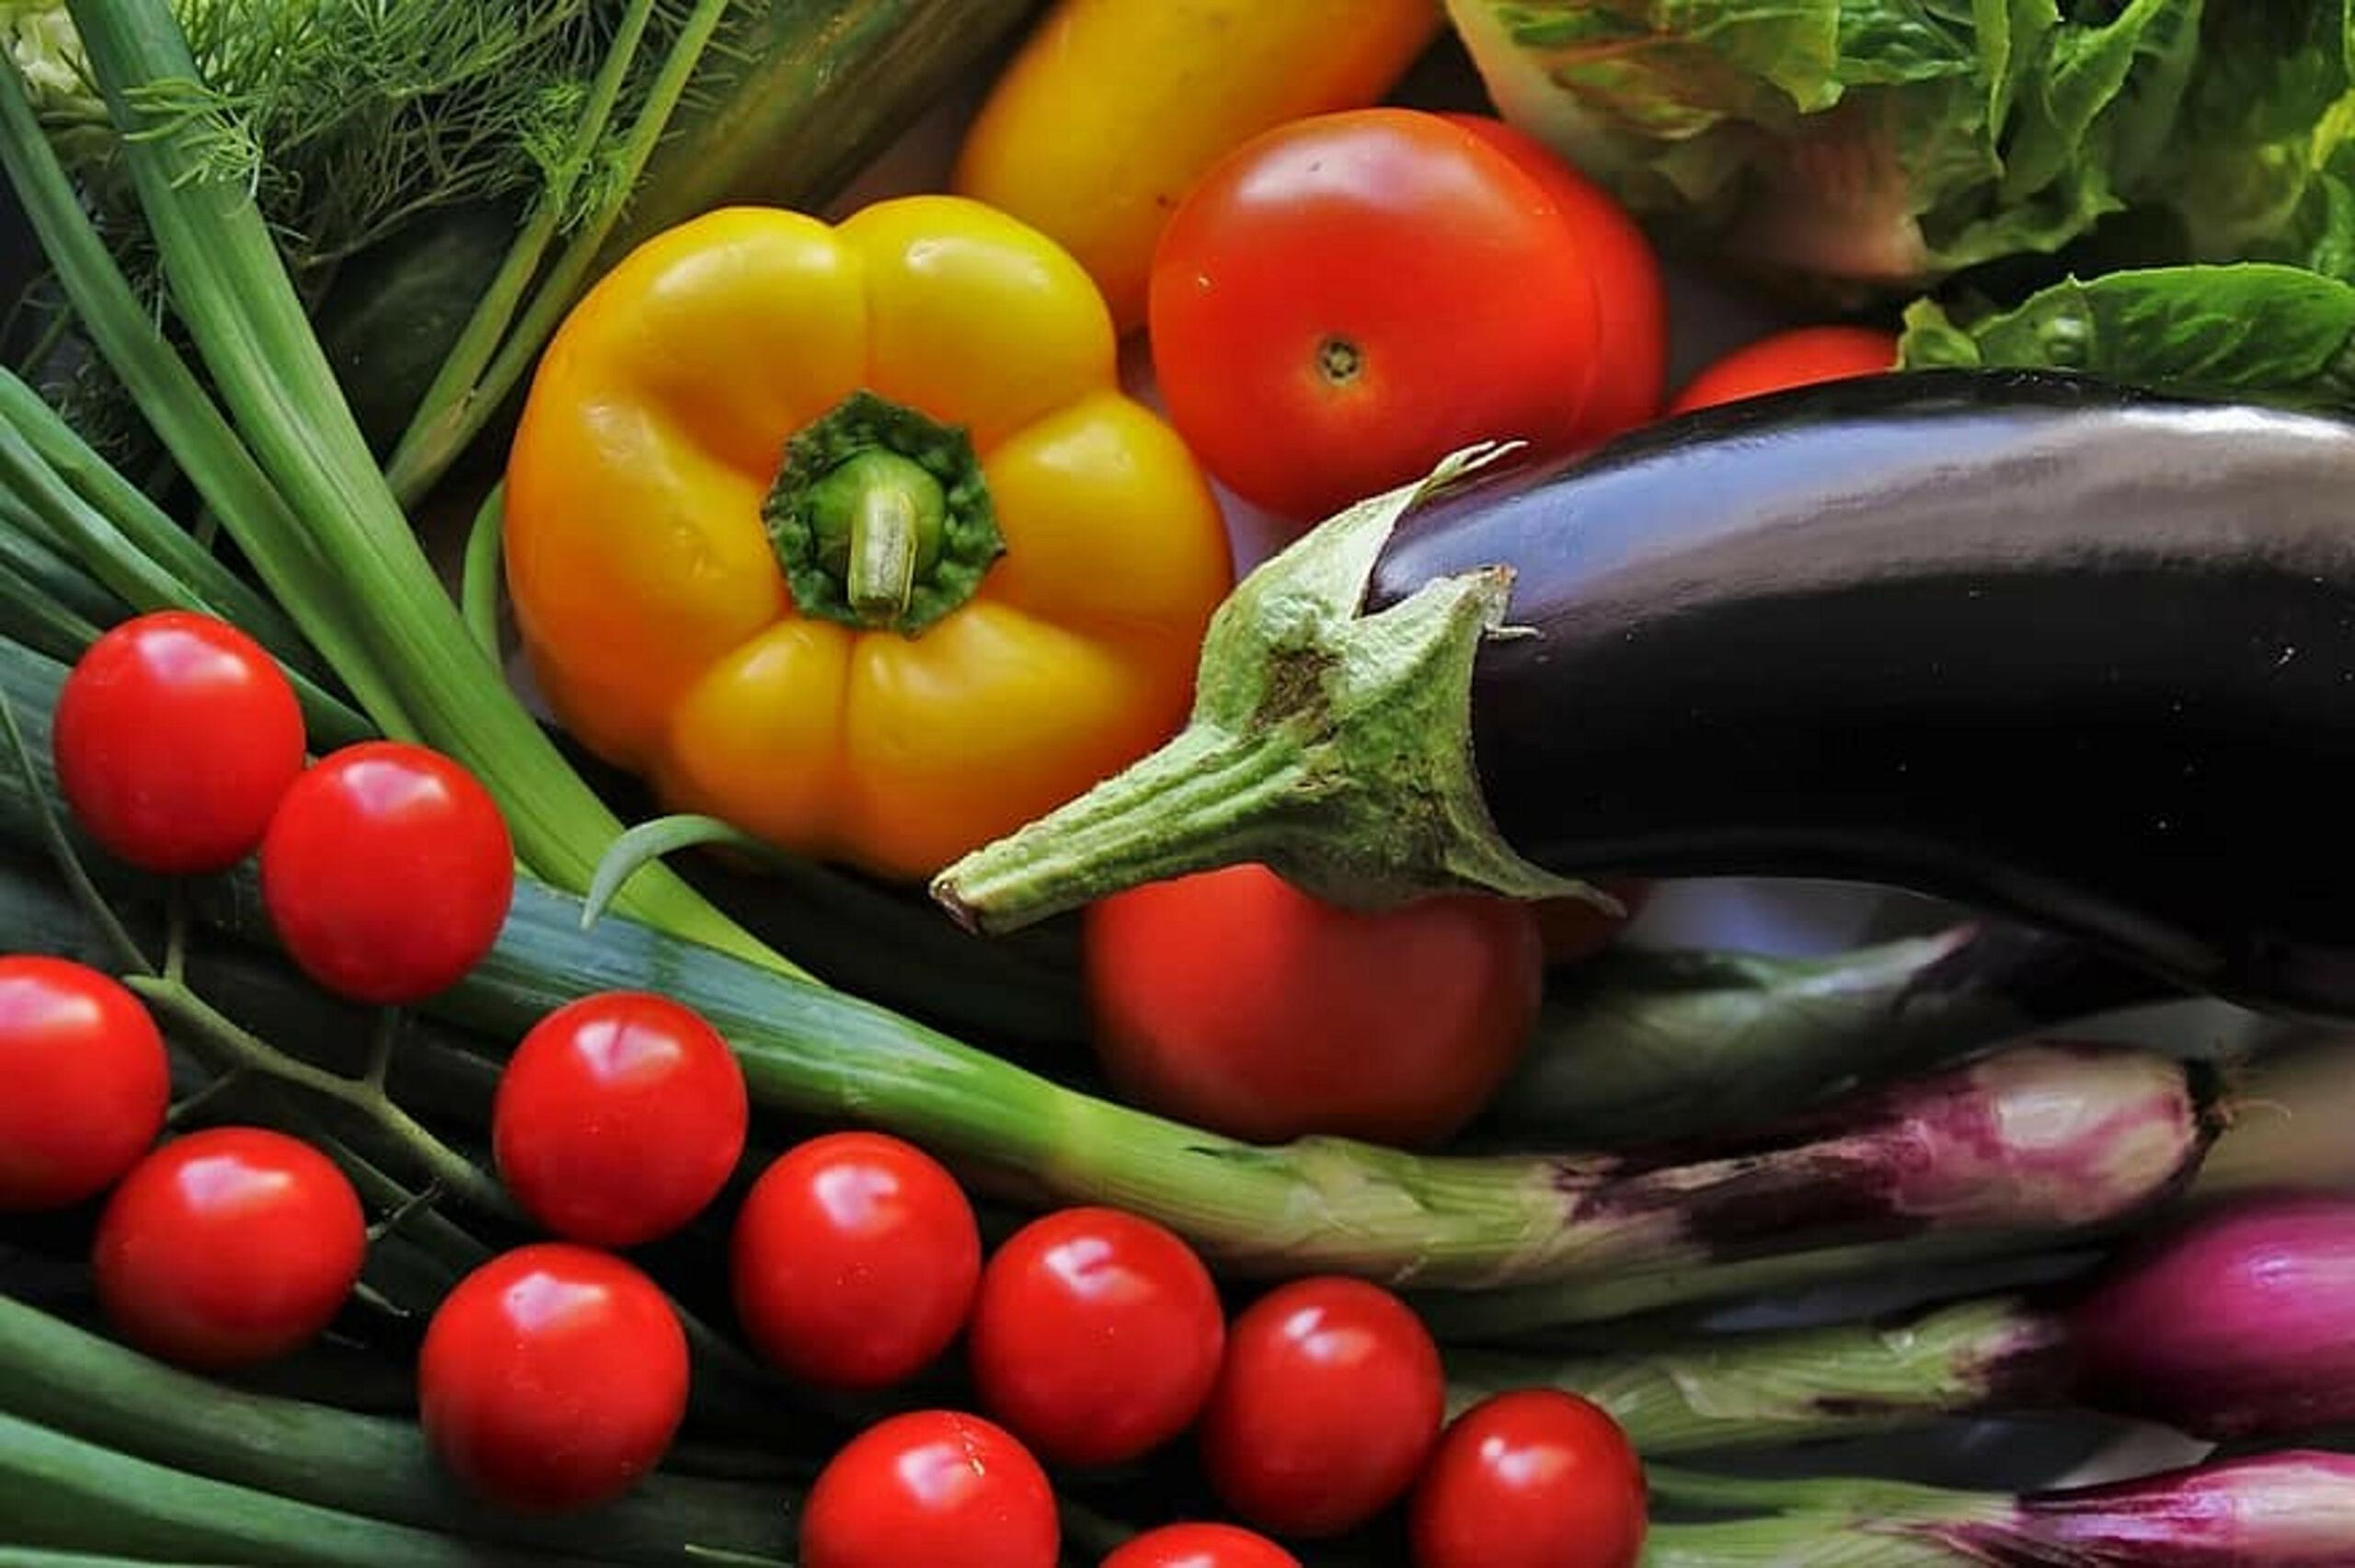 Fruites i verdures habituals en la dieta mediterrània | ACN